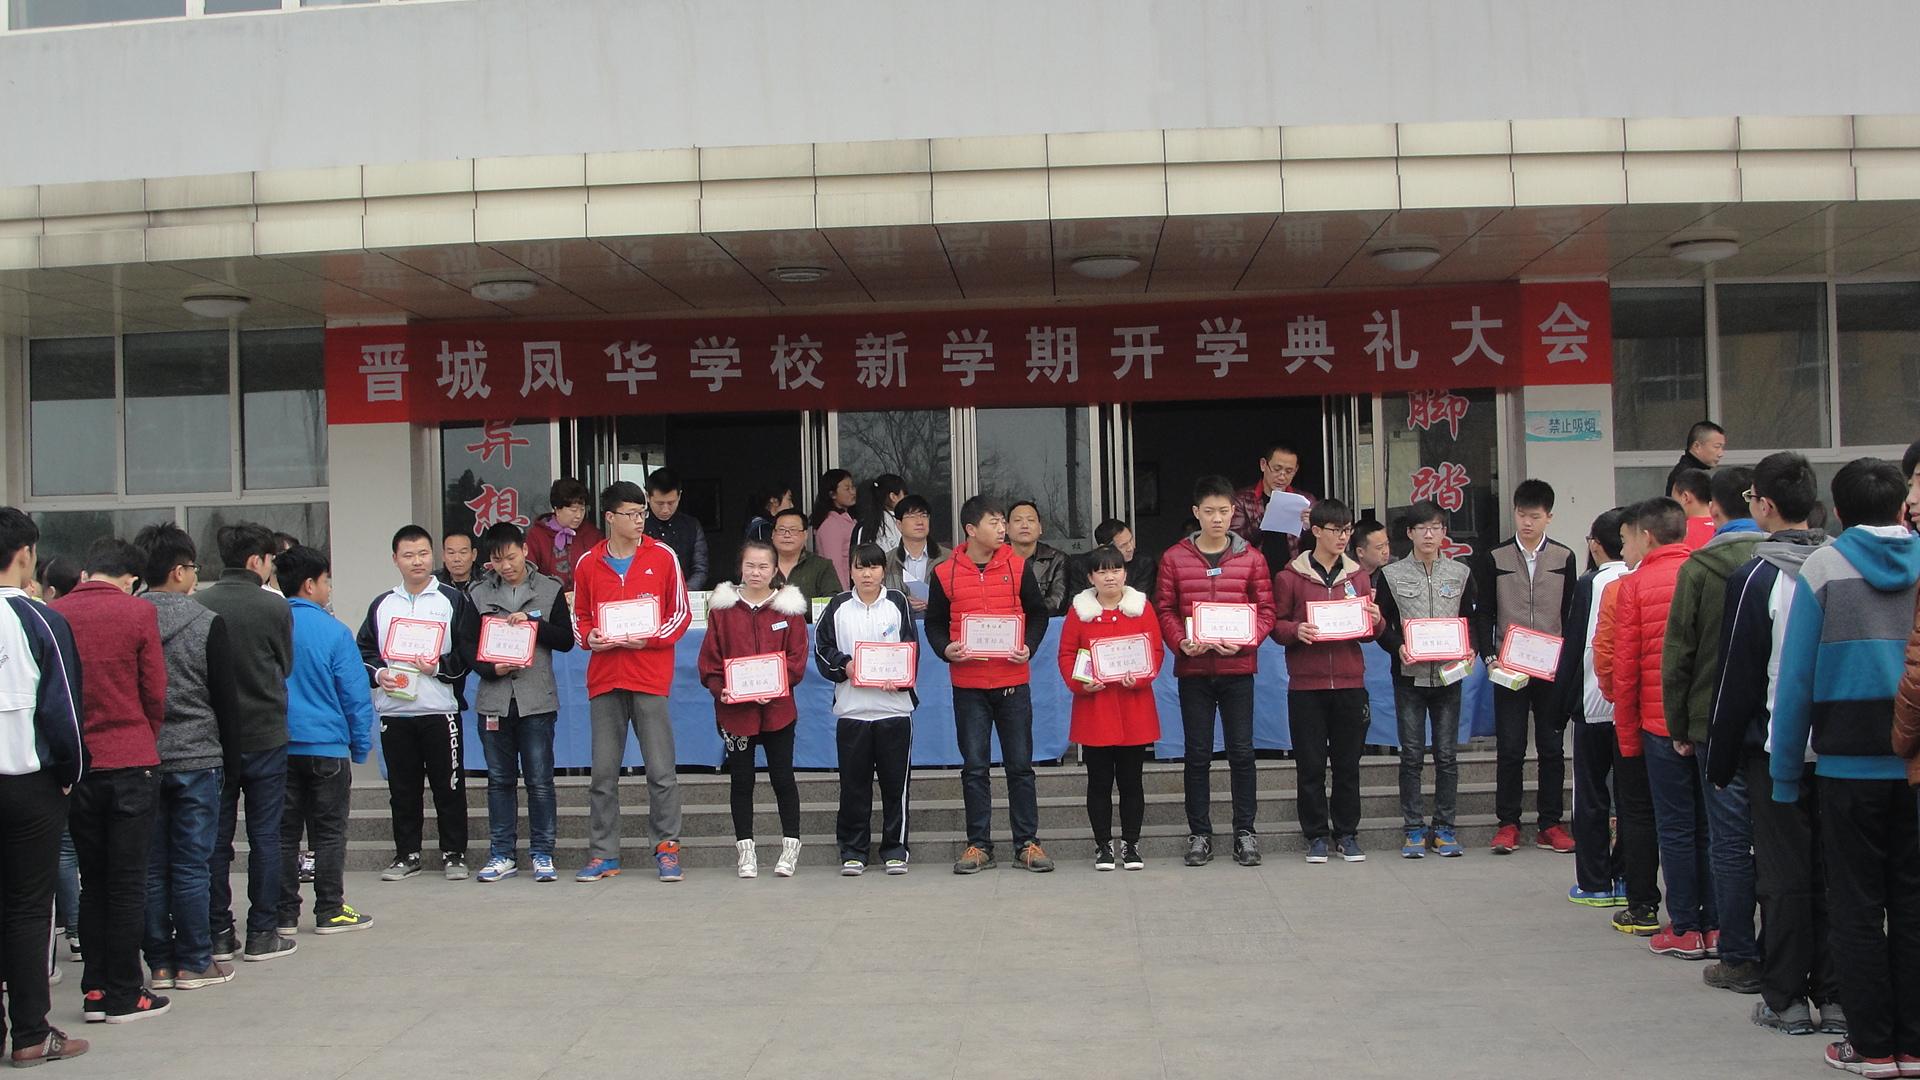 我校举xing2015年春季开学典礼暨颁jiangda会